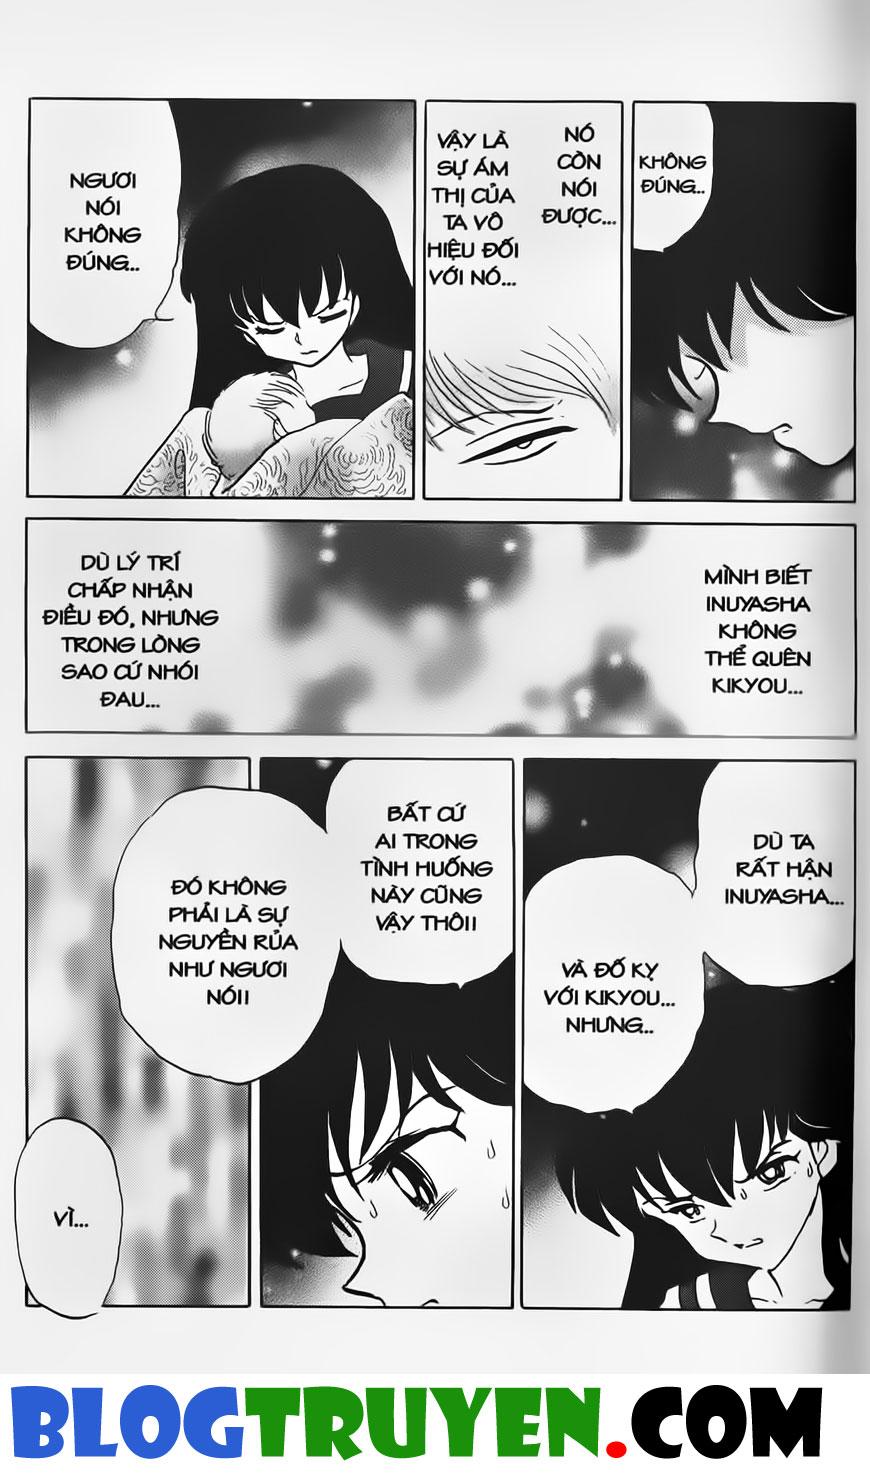 Inuyasha vol 29.7 trang 16